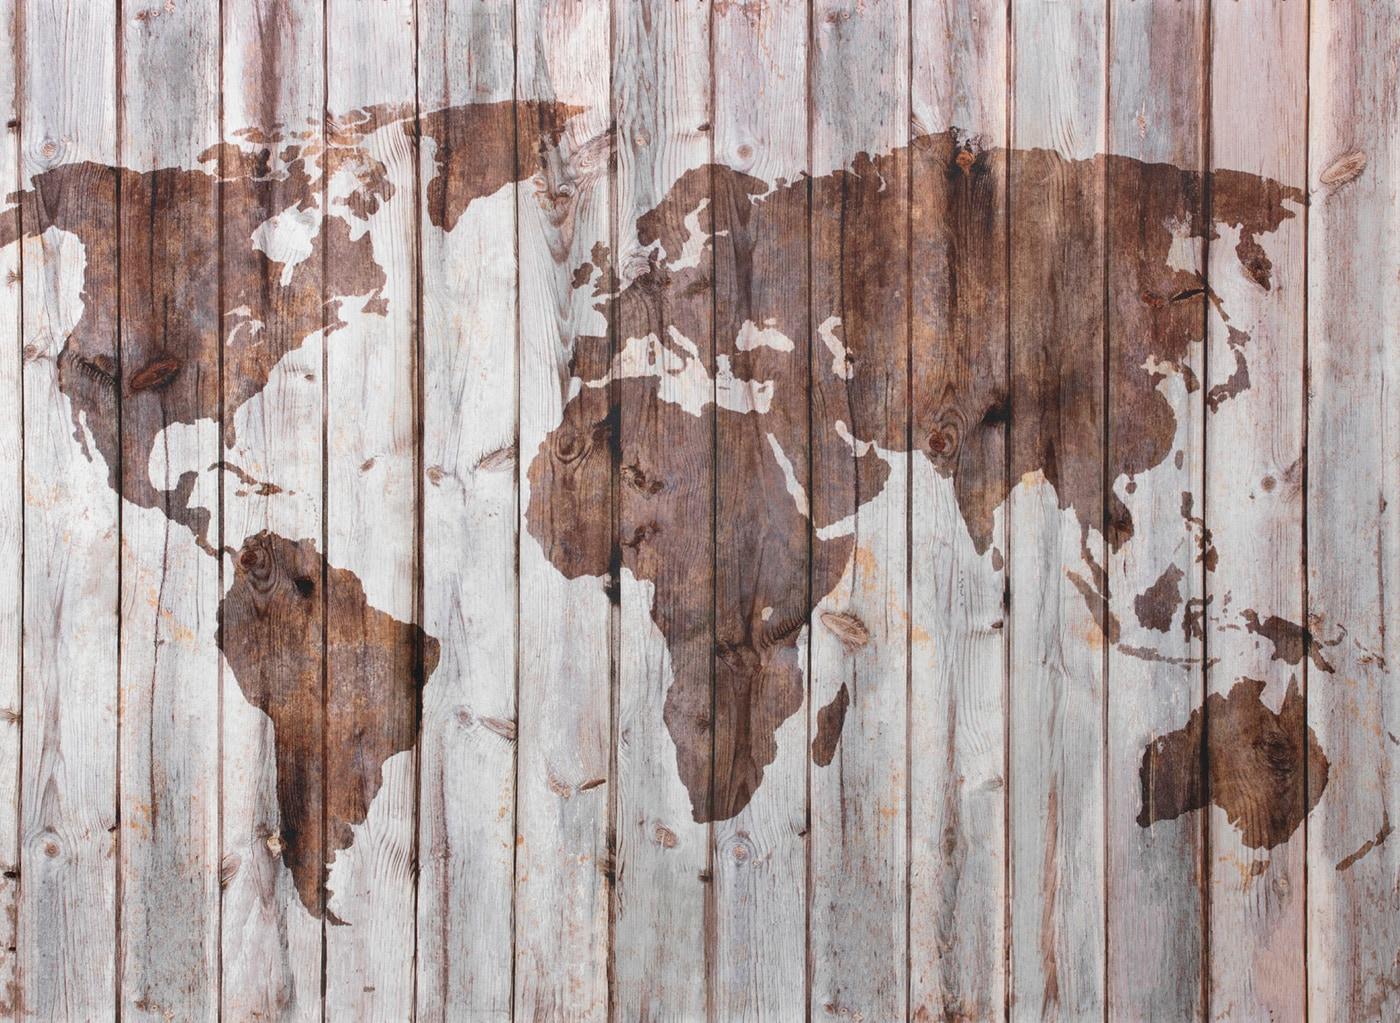 IKEA è un marchio con attività in tutto il mondo. La maggior parte dei prodotti IKEA sono realizzati in legno - IKEA